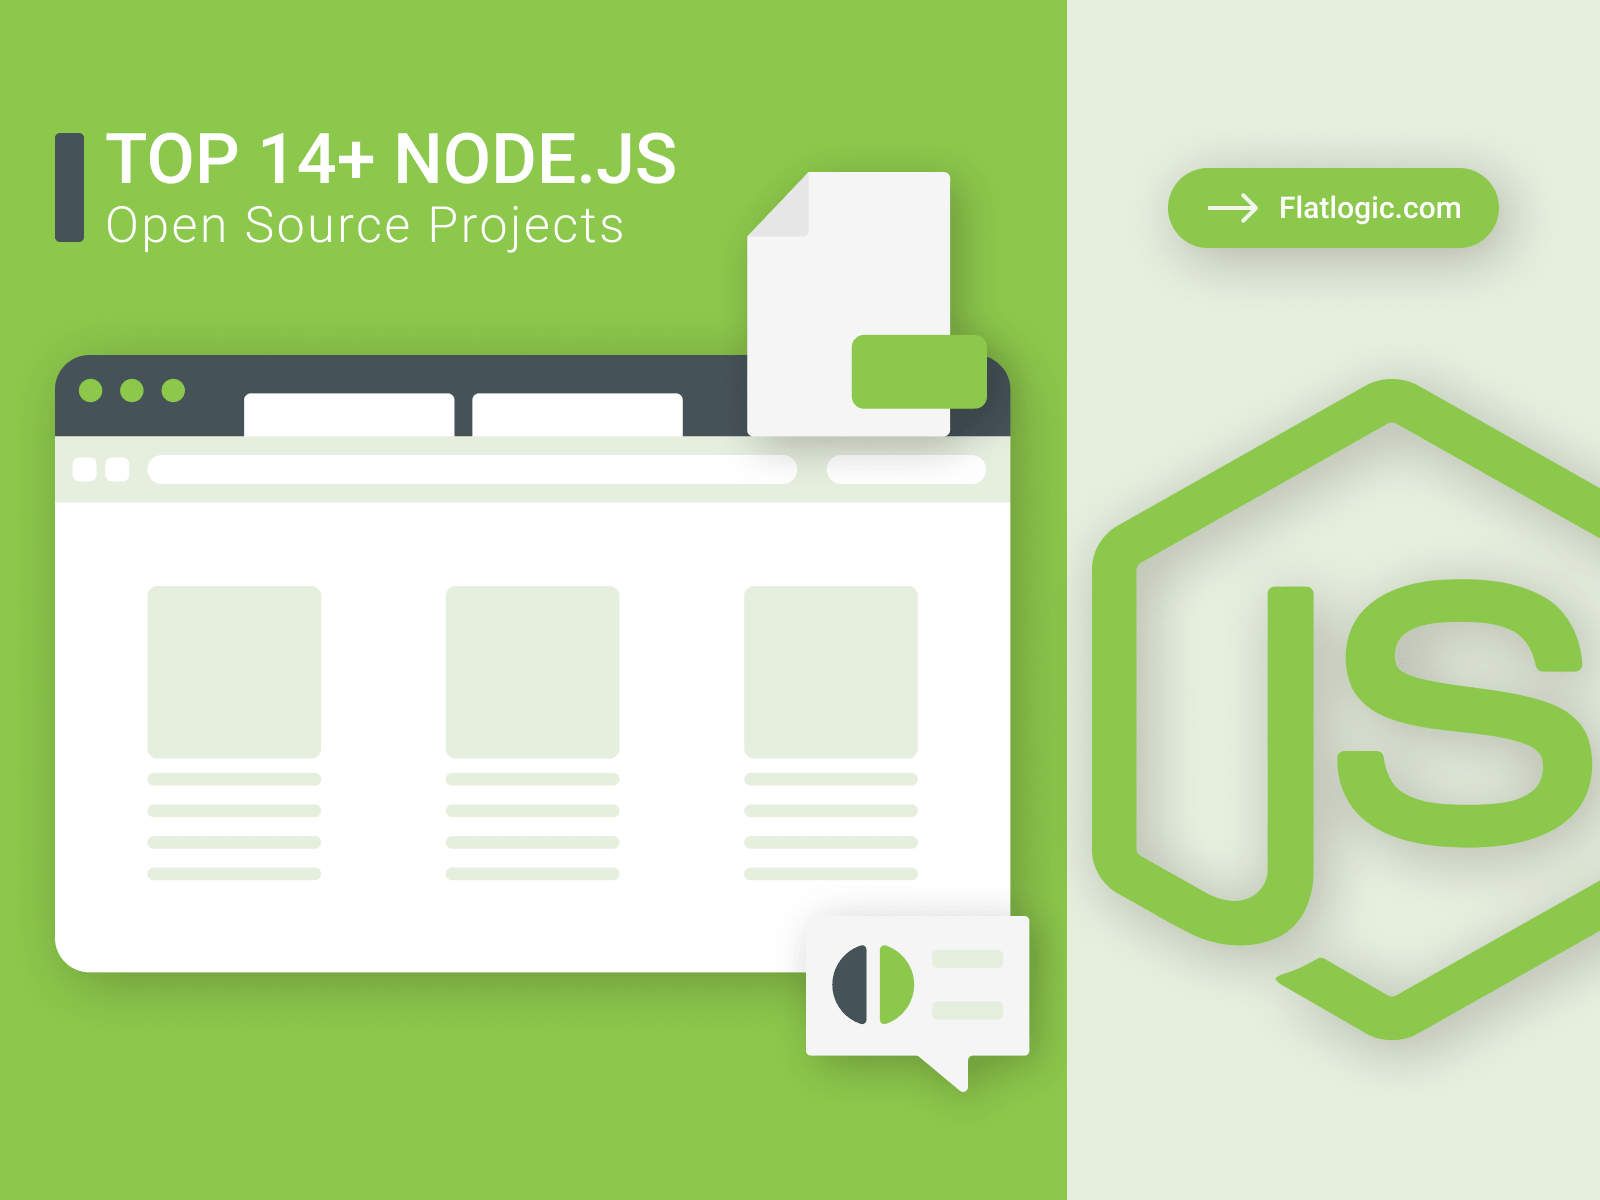 14+ Best Node js Open Source Projects